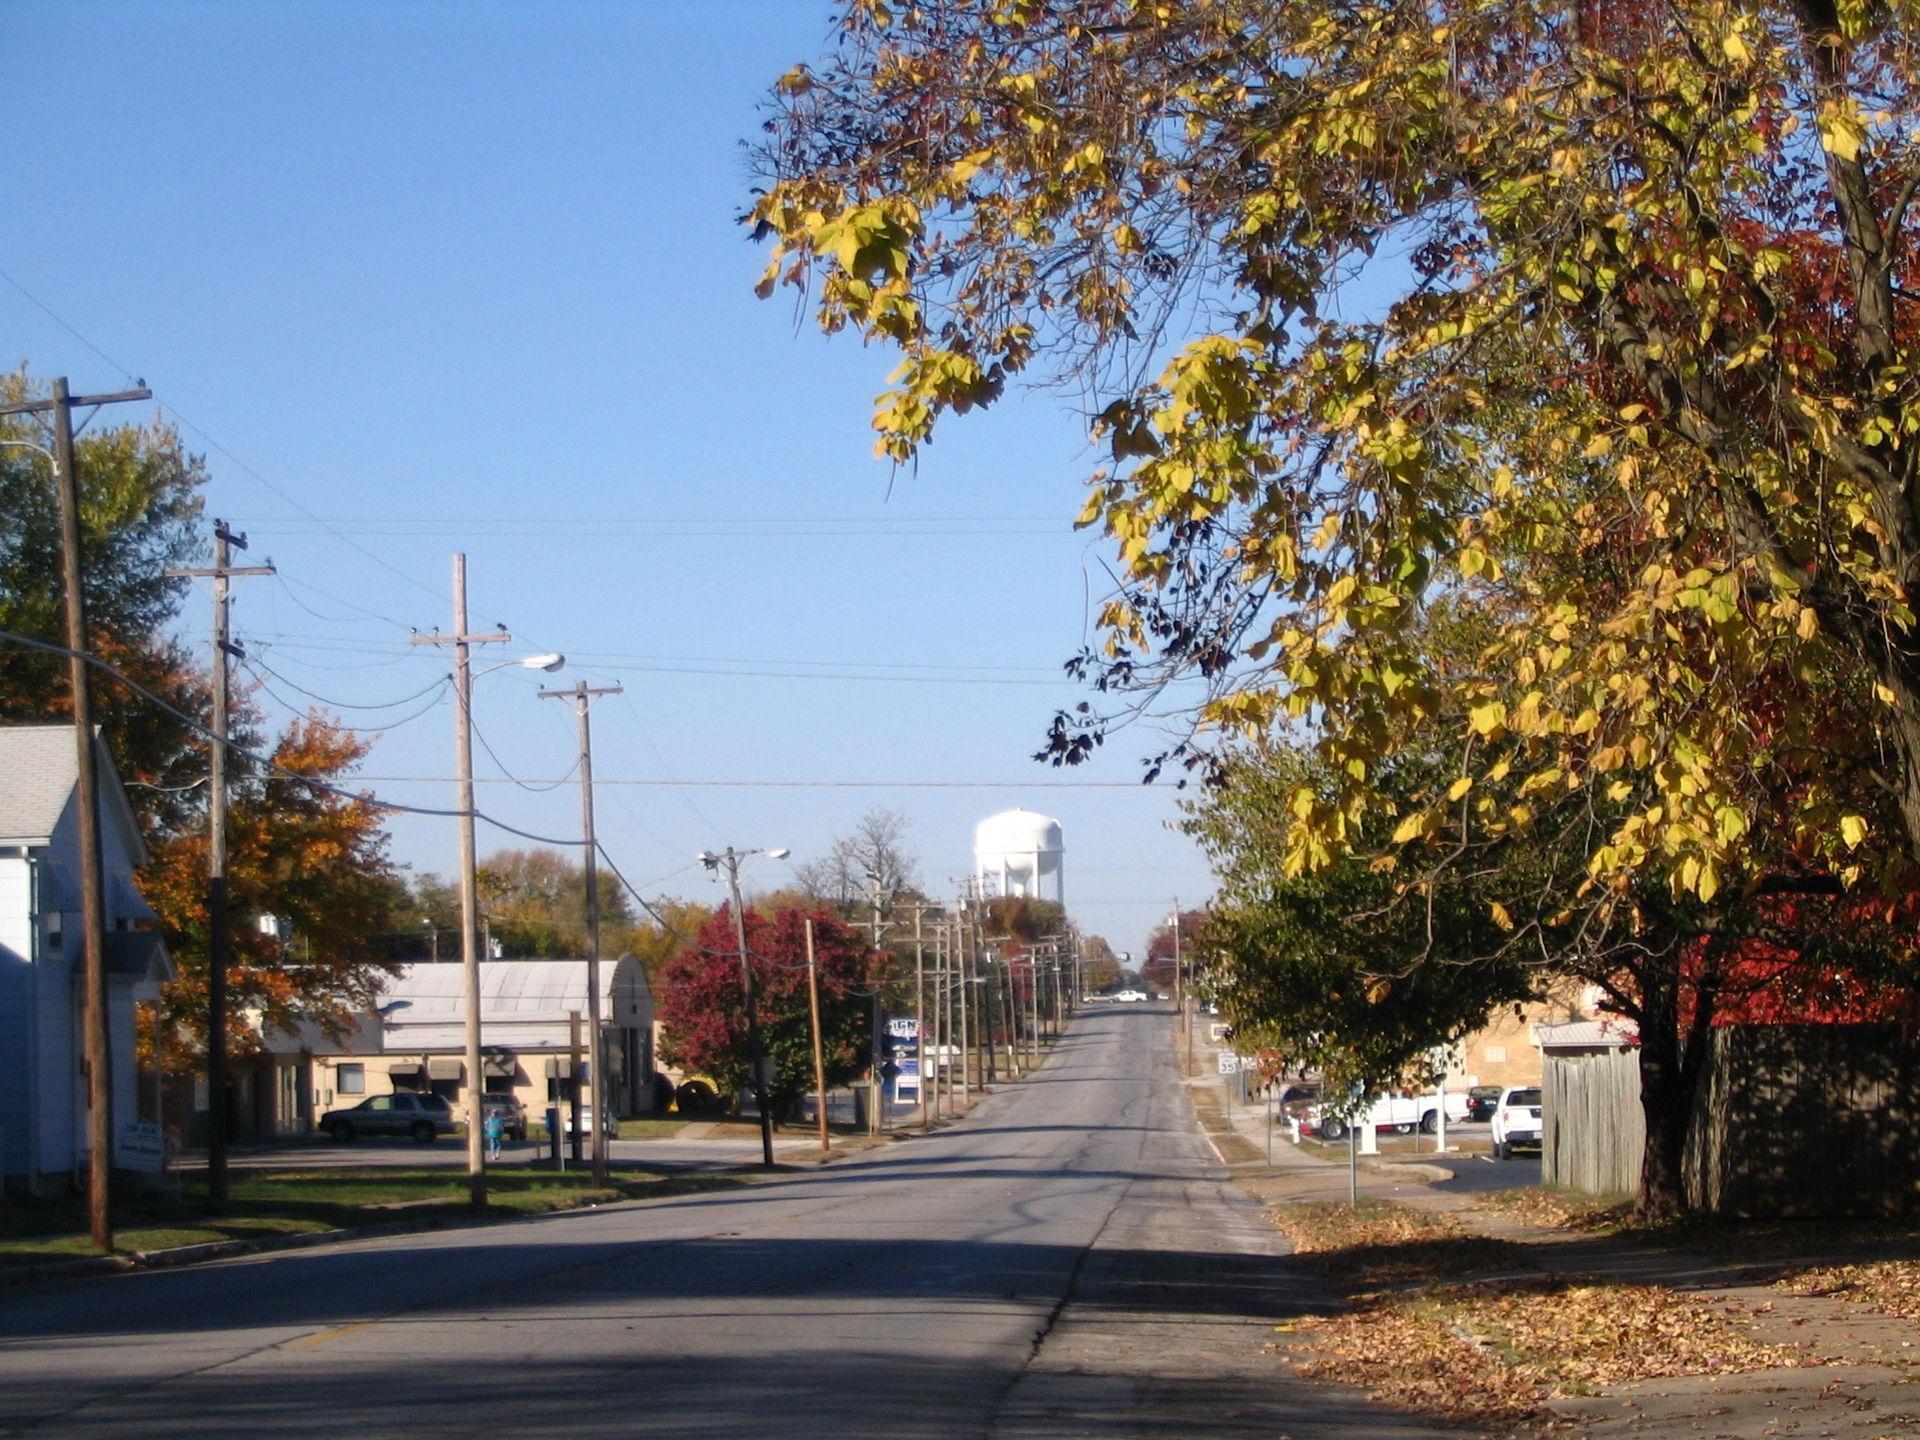 4th_street_Joplin,_MO